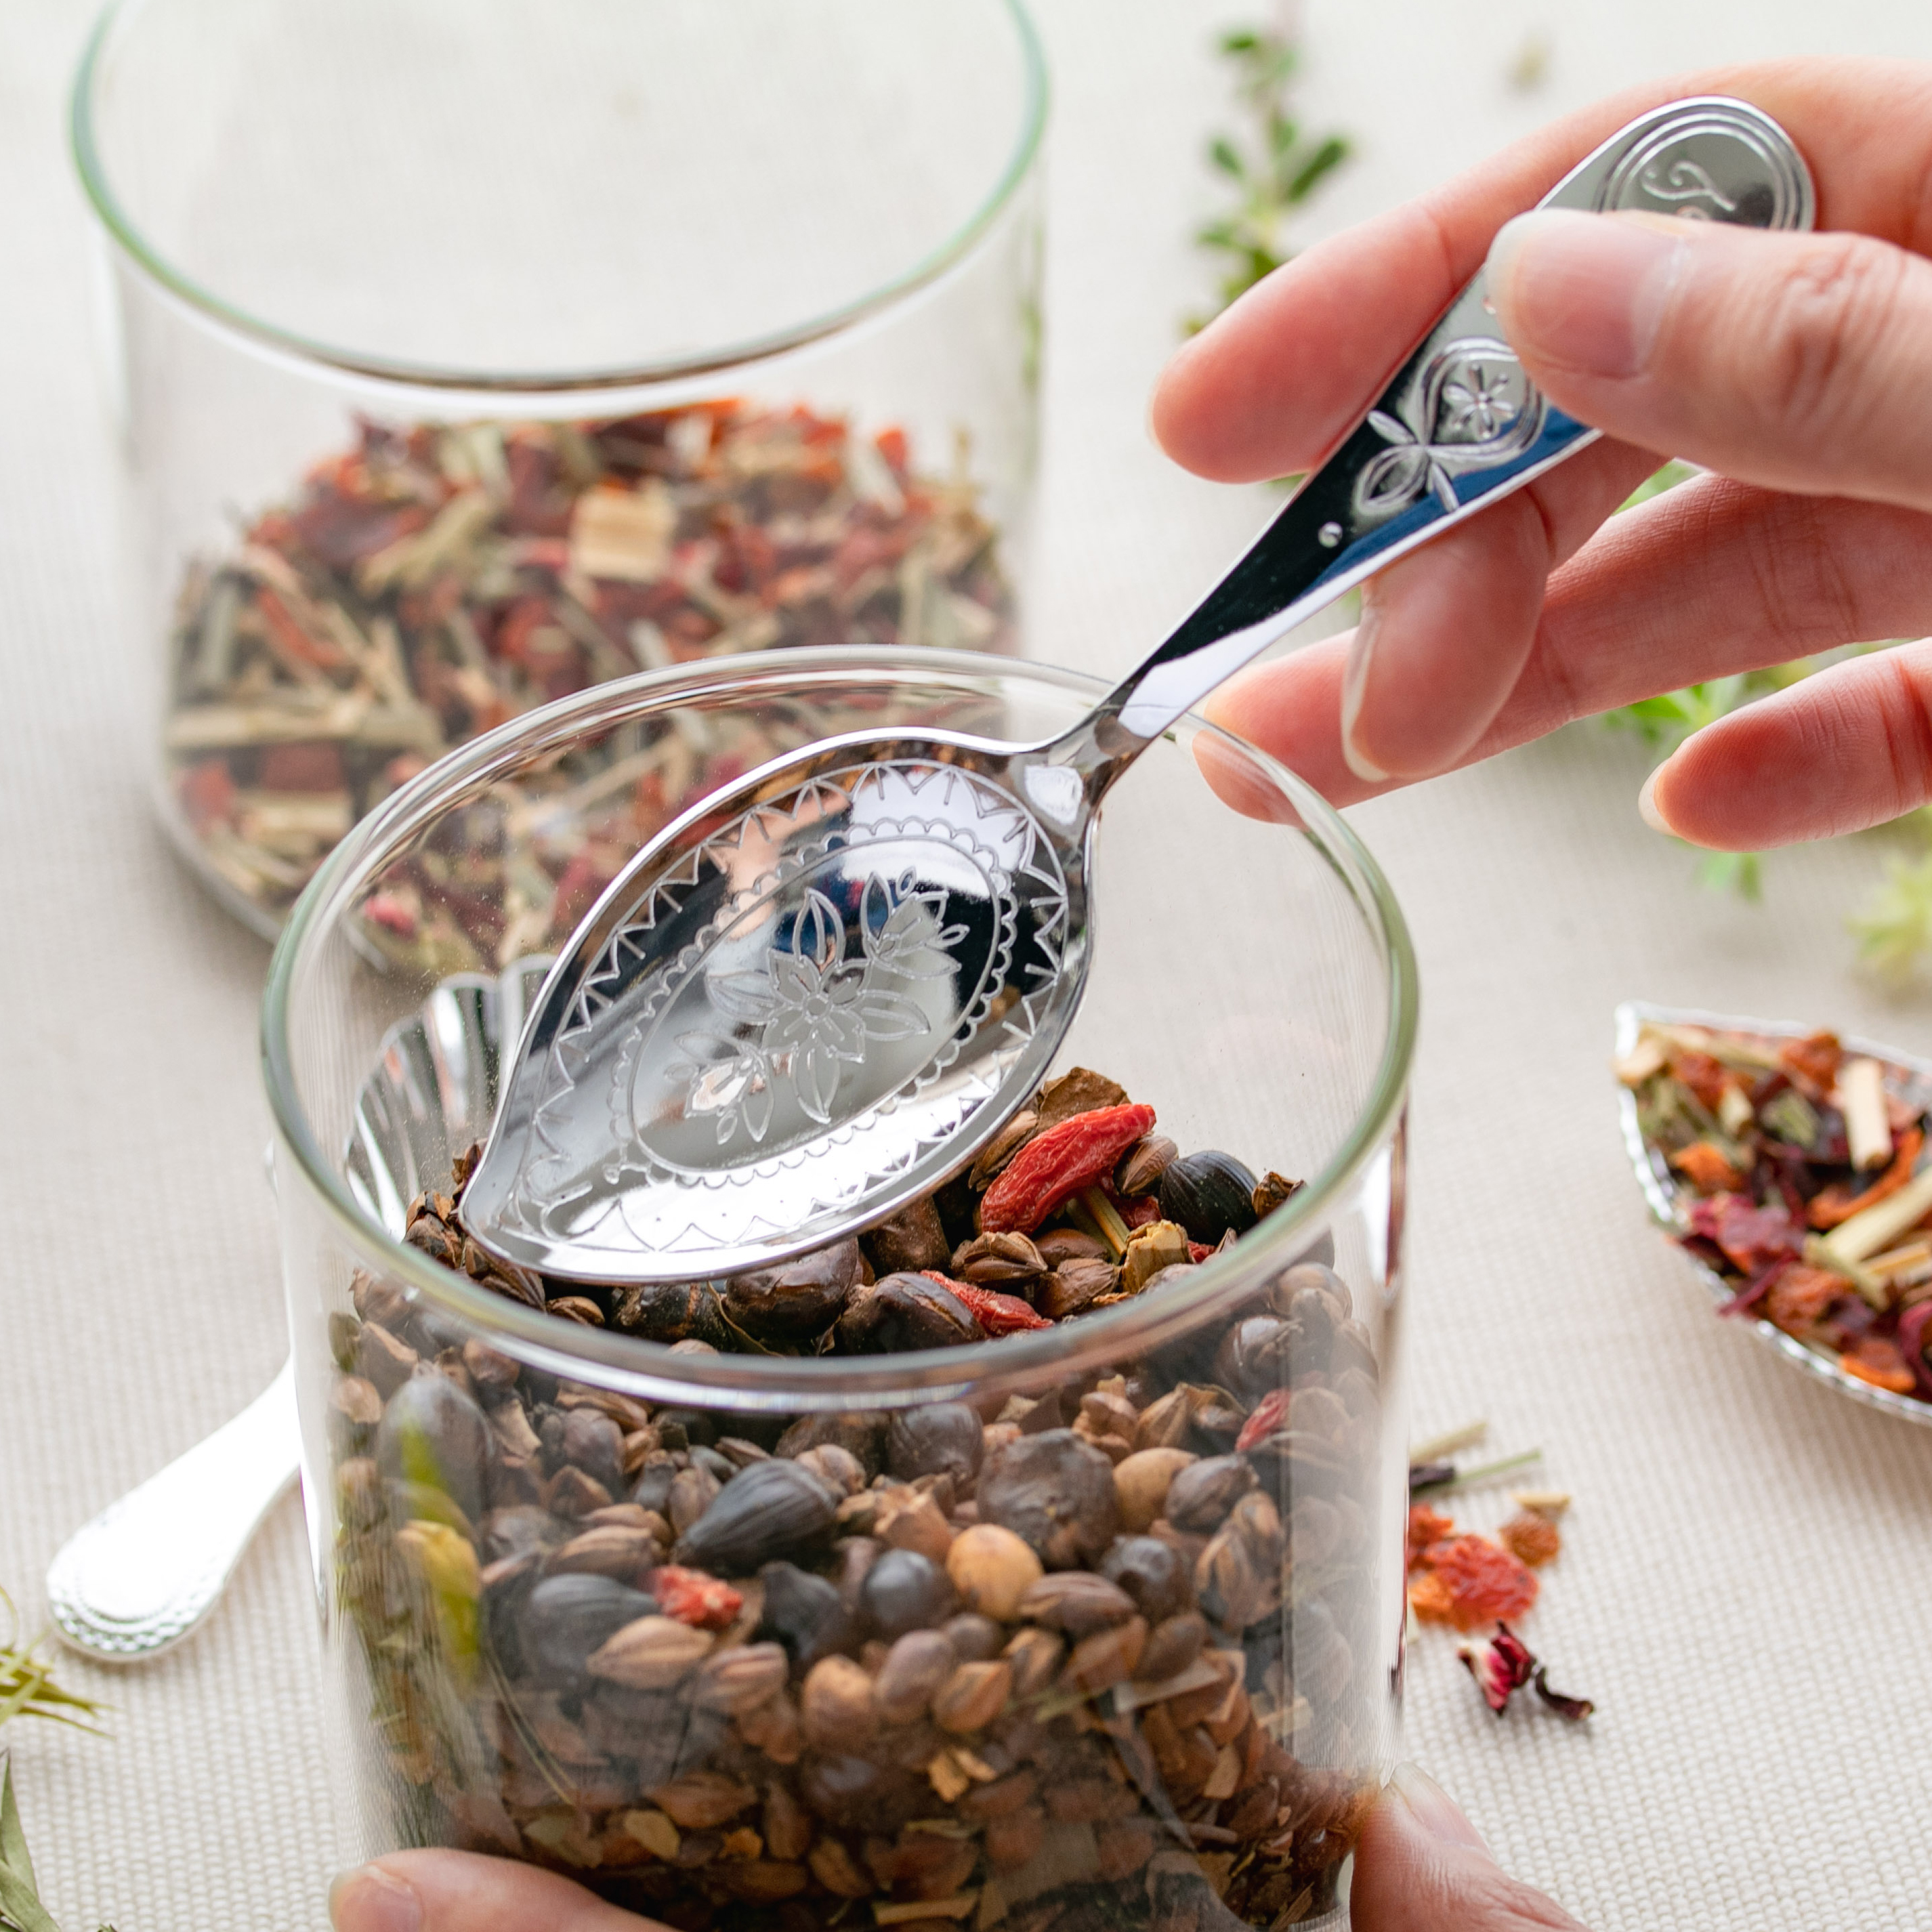 カジュアルプロダクト ティーキャディースプーン ティーフラワー 紅茶